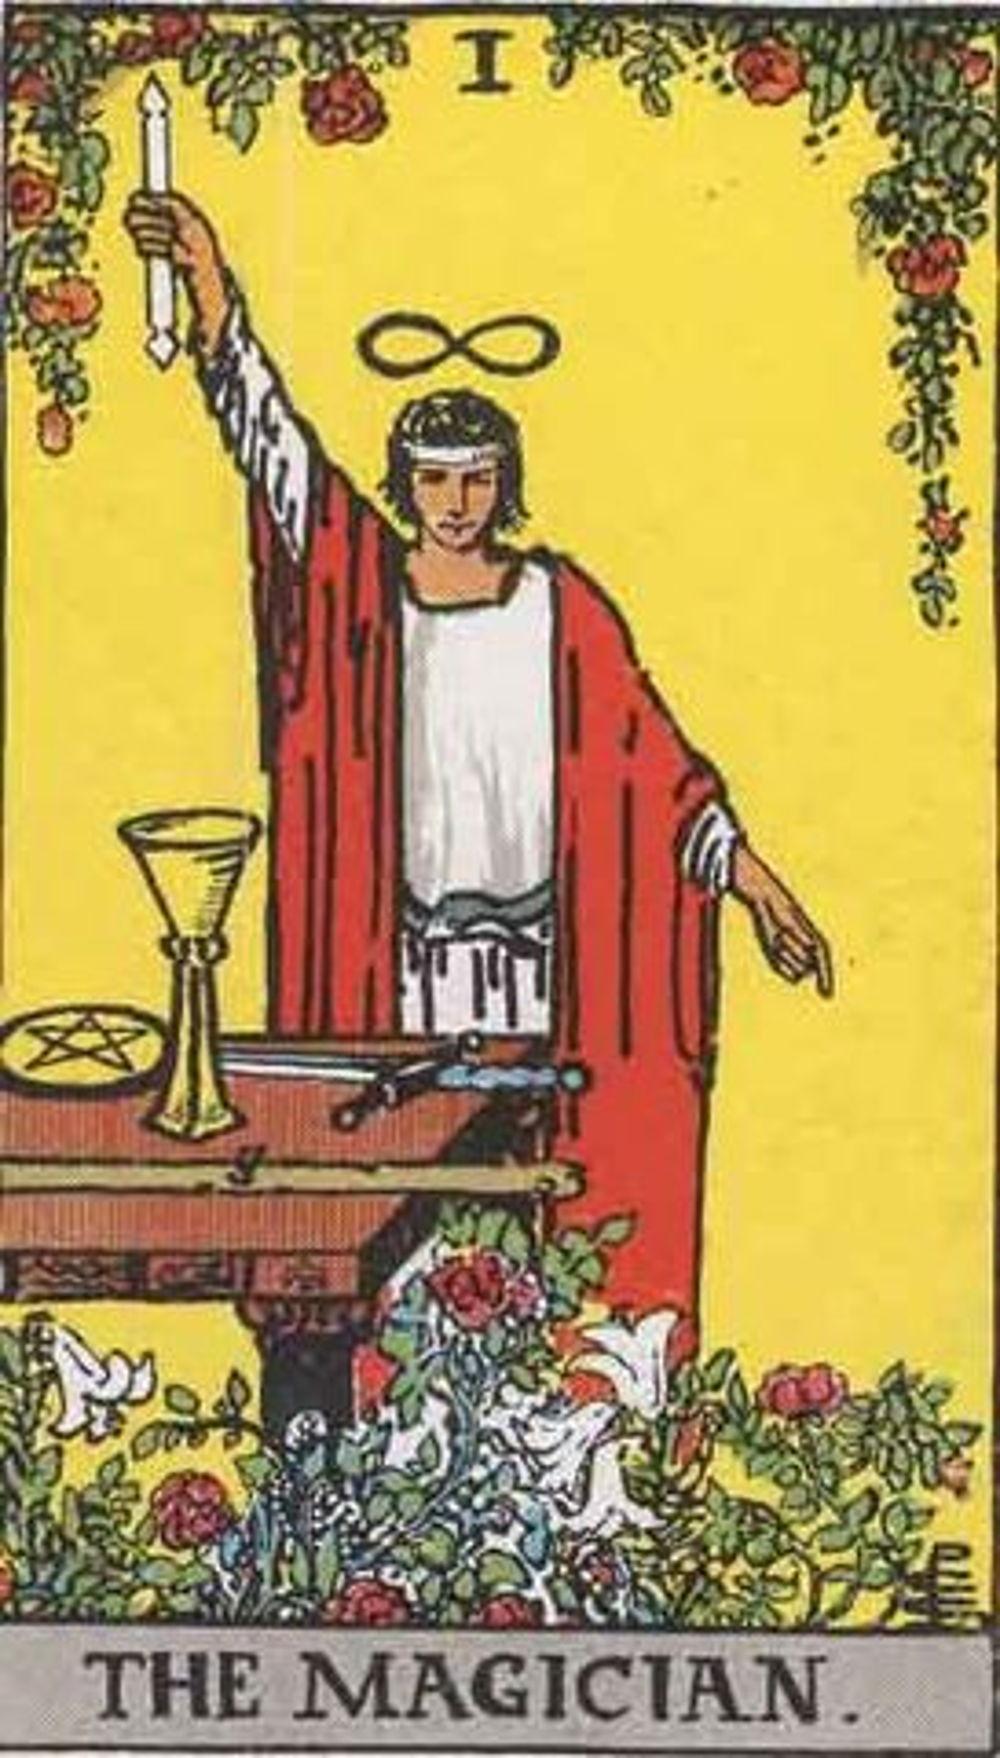 1.魔術師